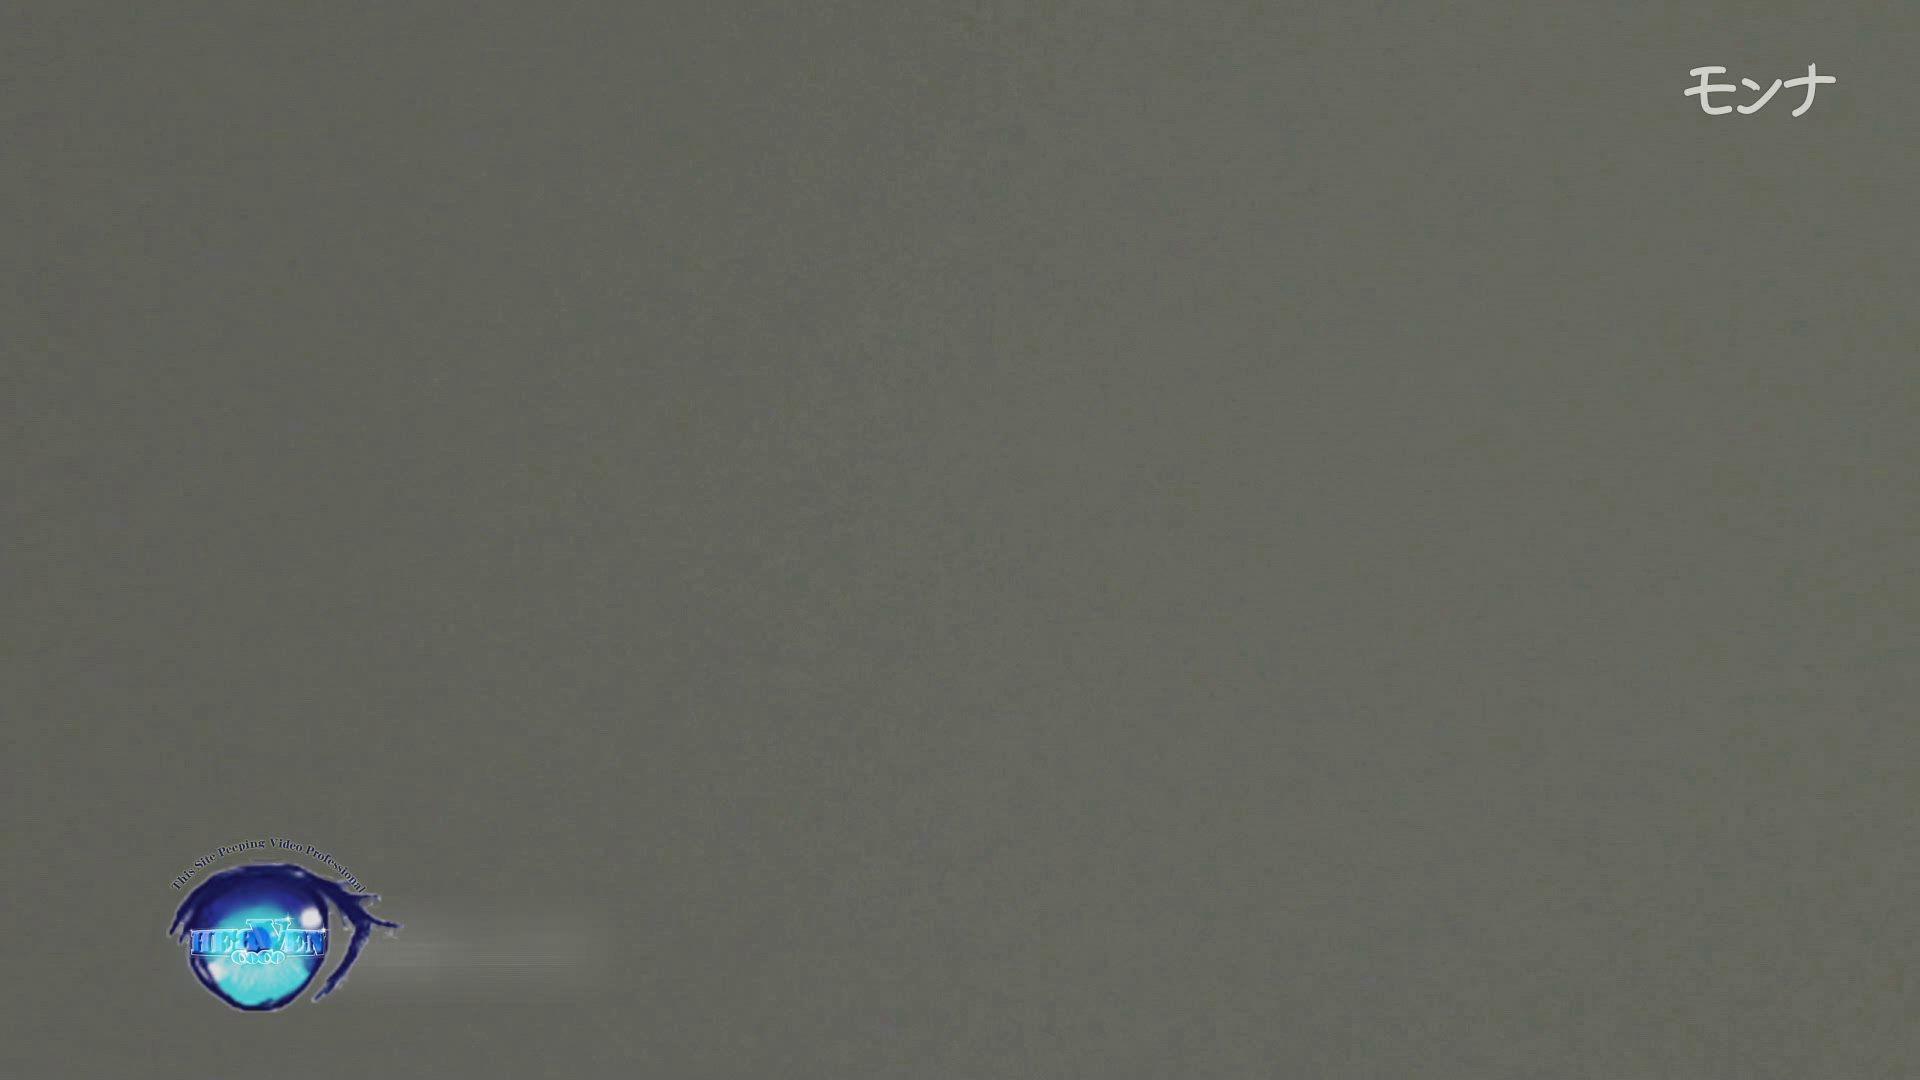 美しい日本の未来 No.96 エロいOL おめこ無修正画像 51枚